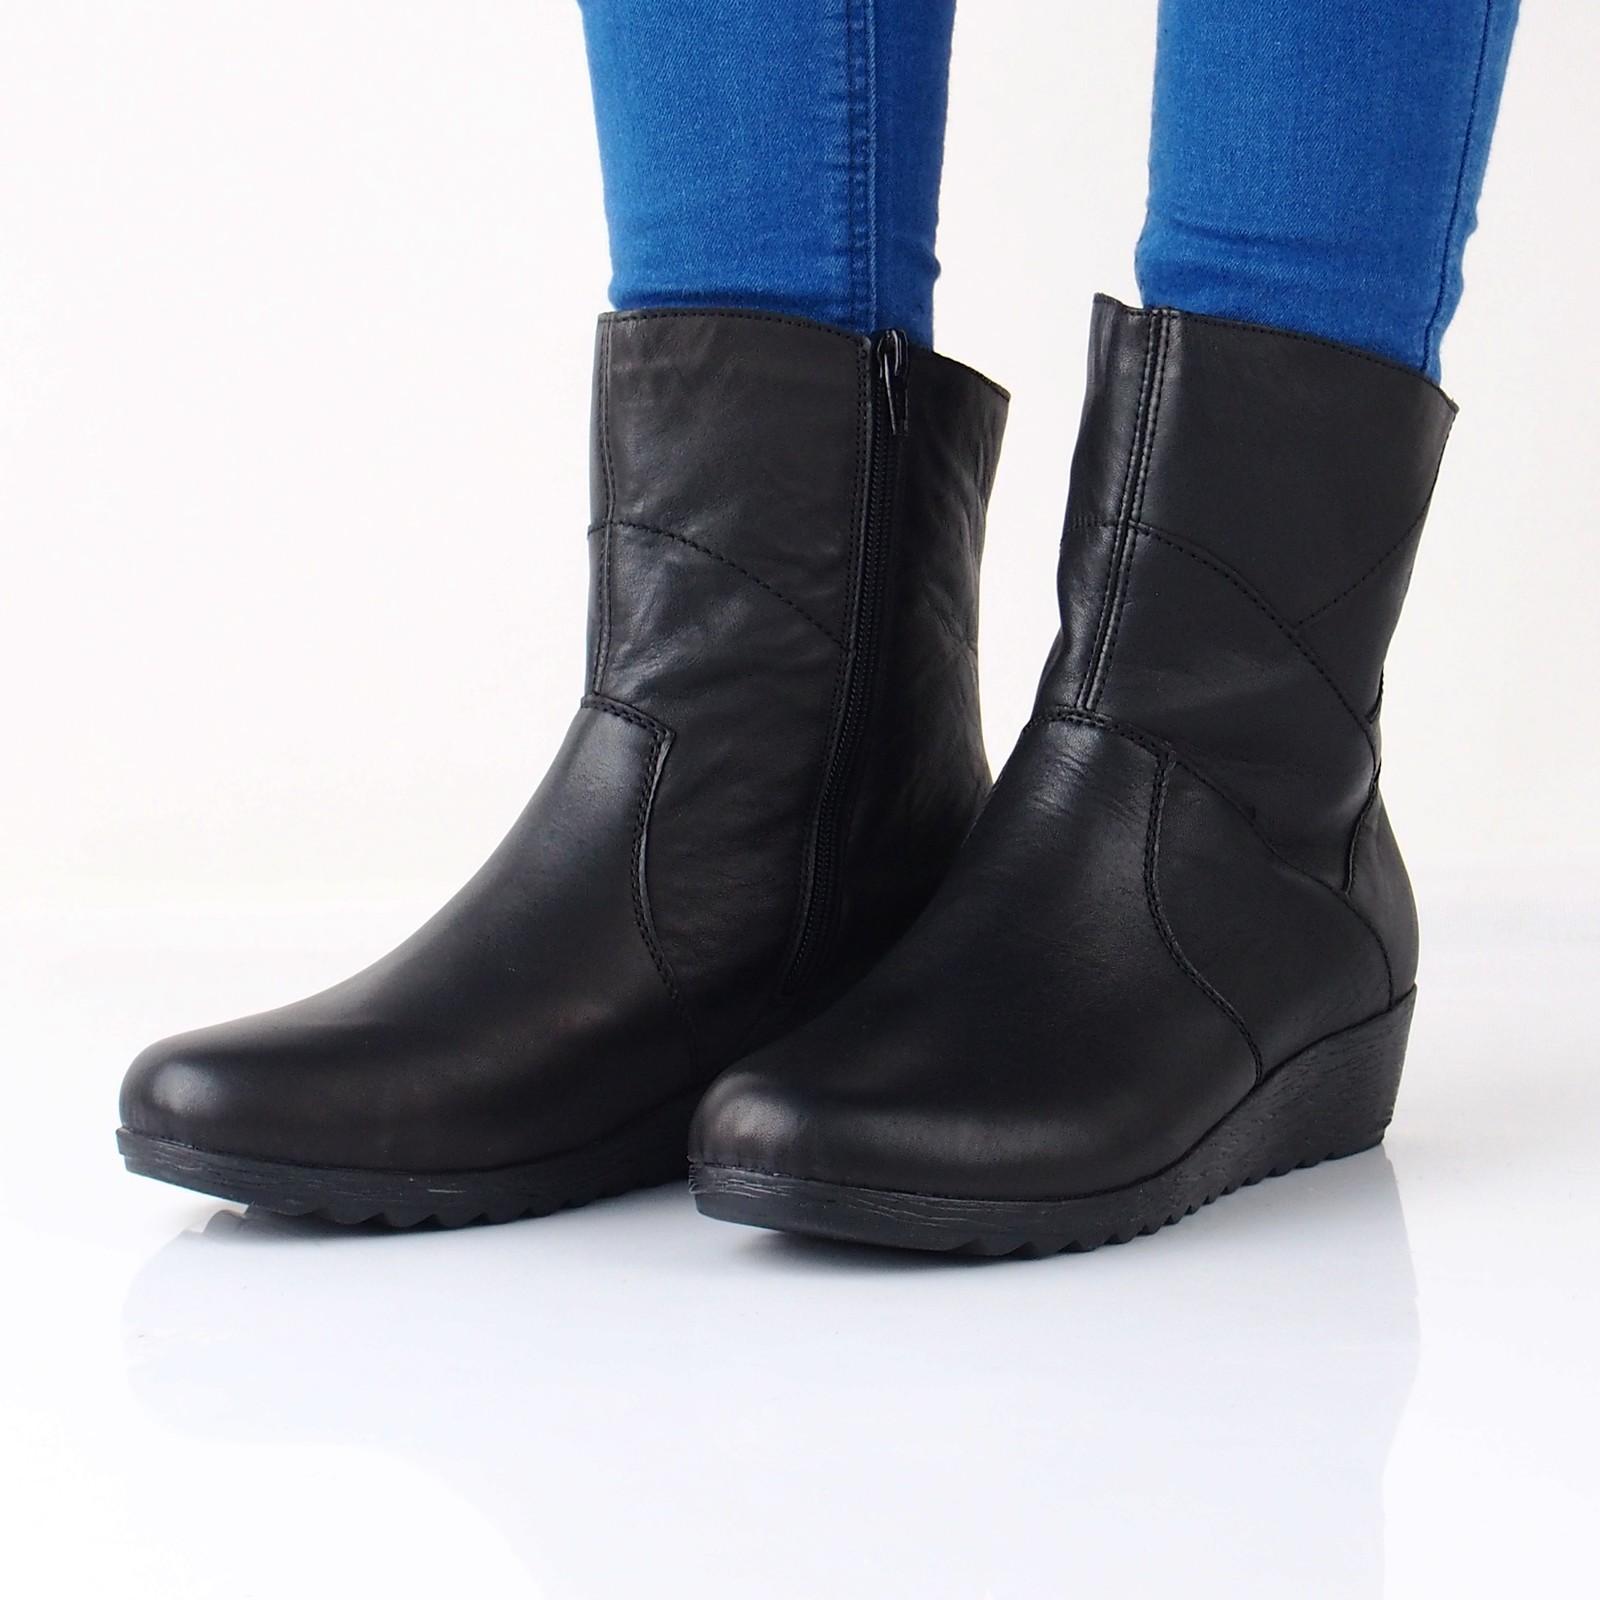 d1e52d9456f19 Rieker dámske kožené nízke čižmy na zips - čierne | X248400-BLK www ...